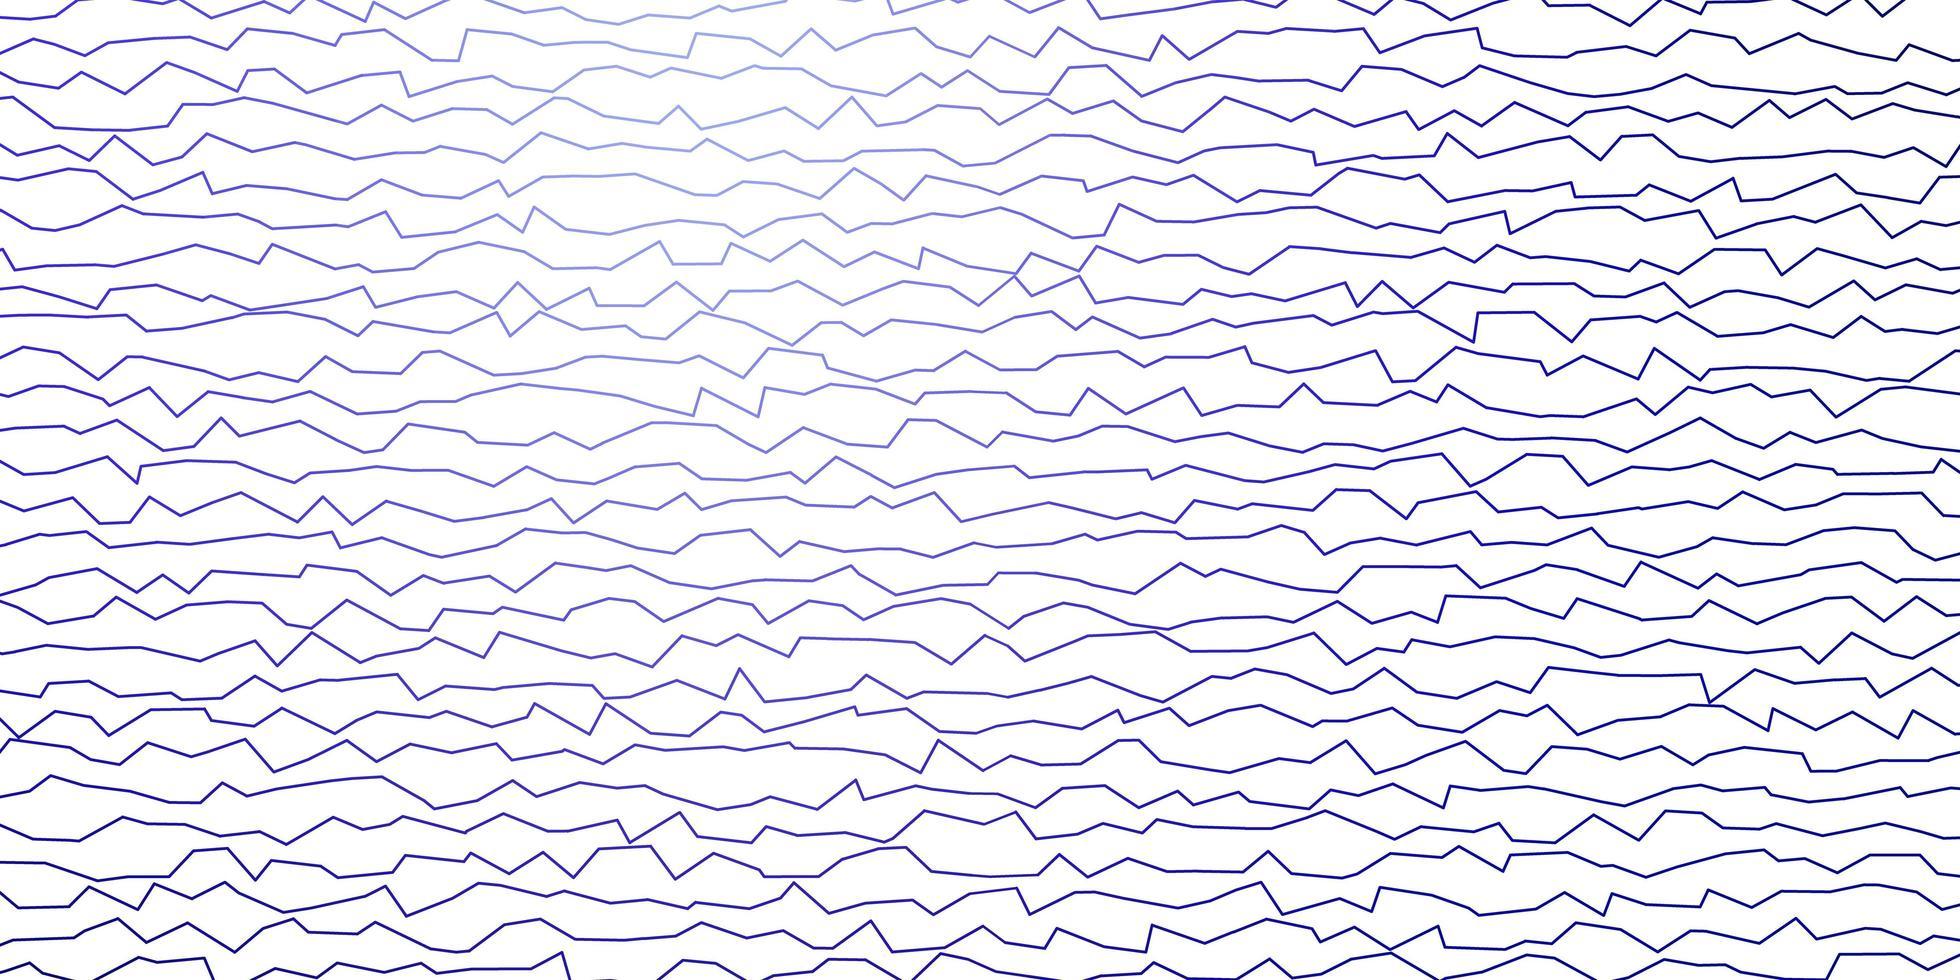 sfondo vettoriale viola scuro con arco circolare.